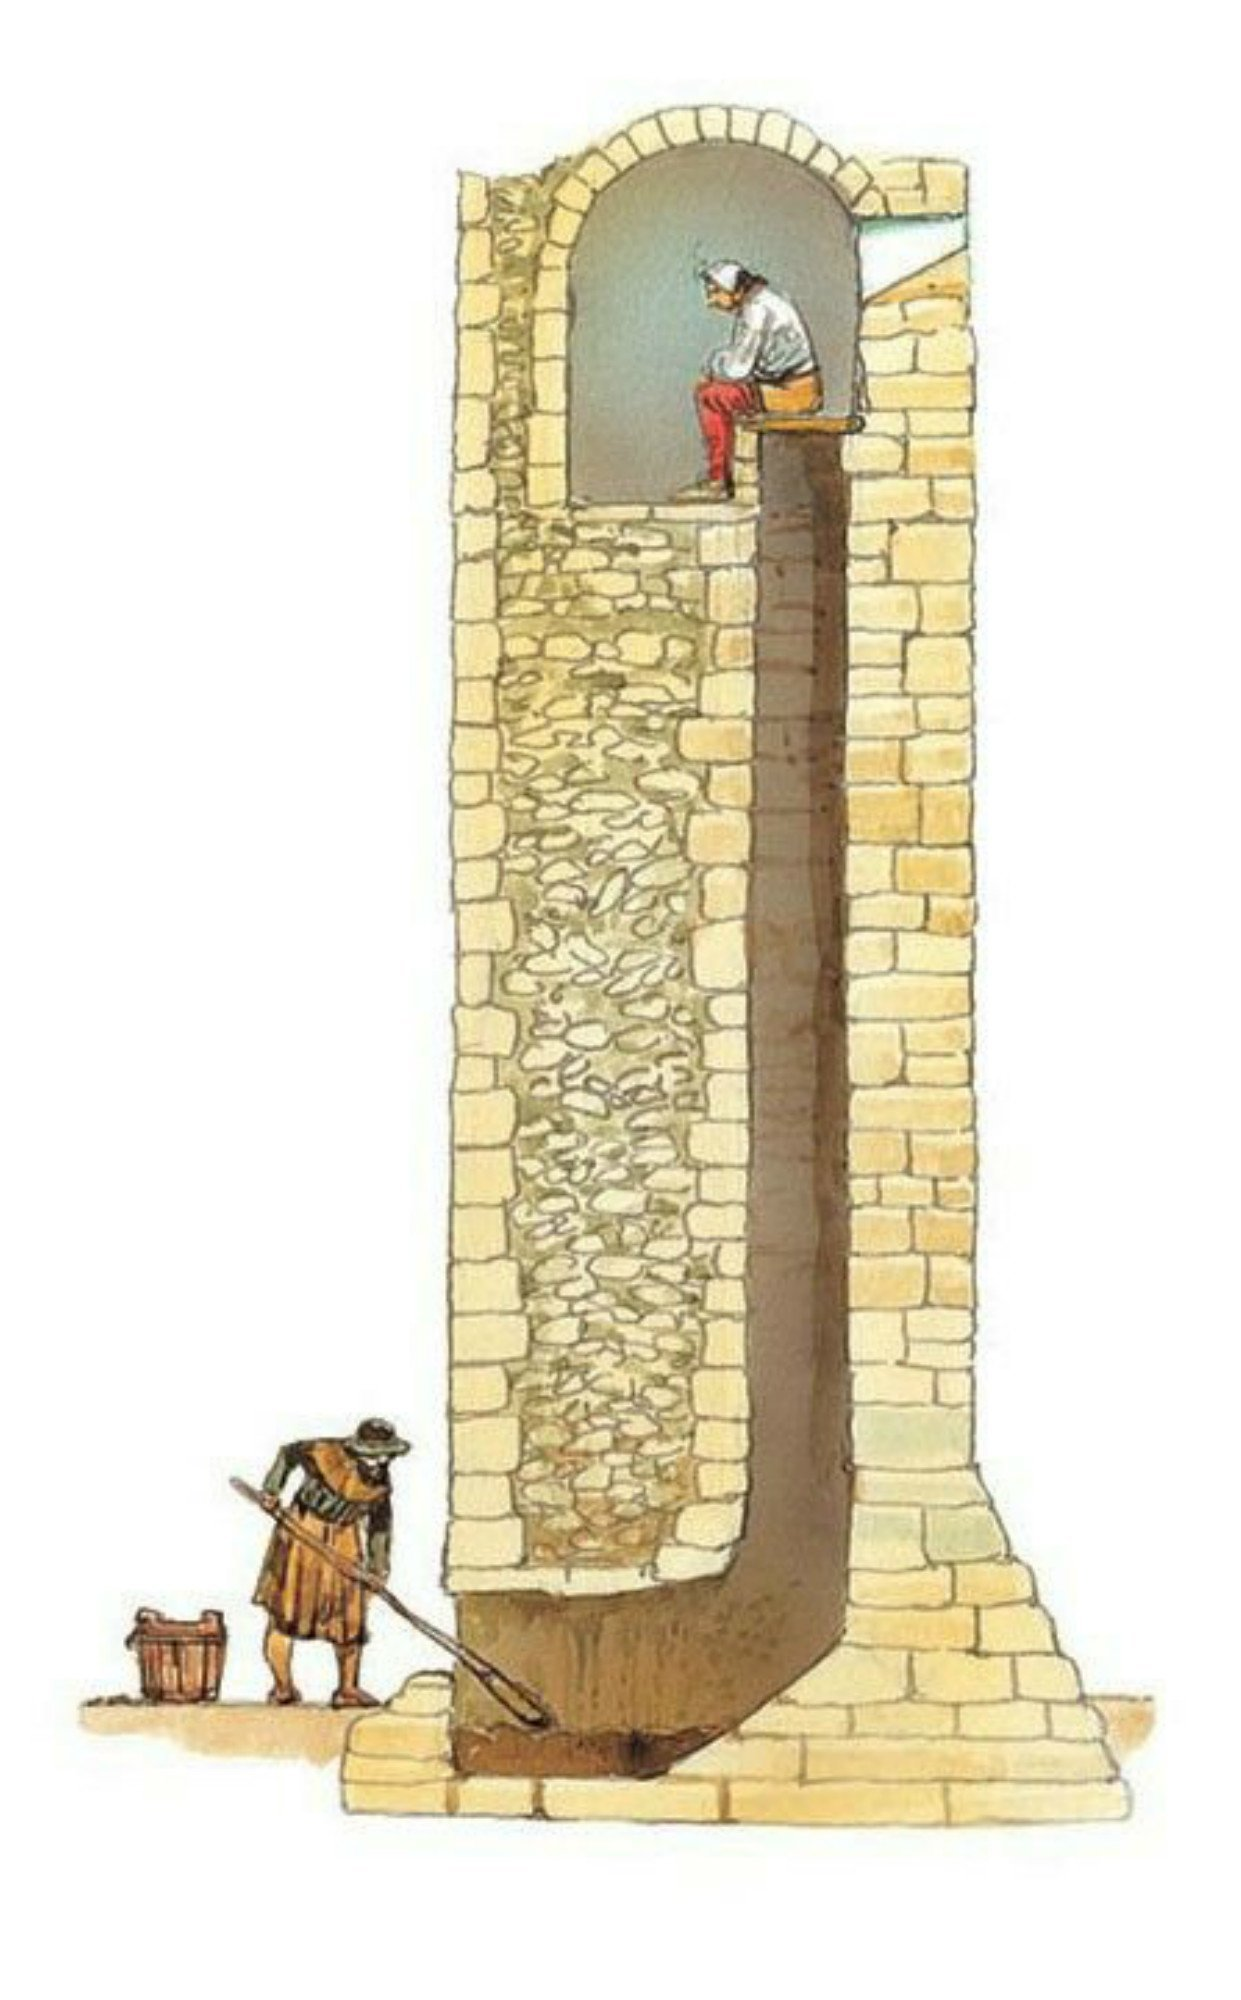 Туалет в средневековом замке изнутри, интересно, как это сделано, познавательно, разрез